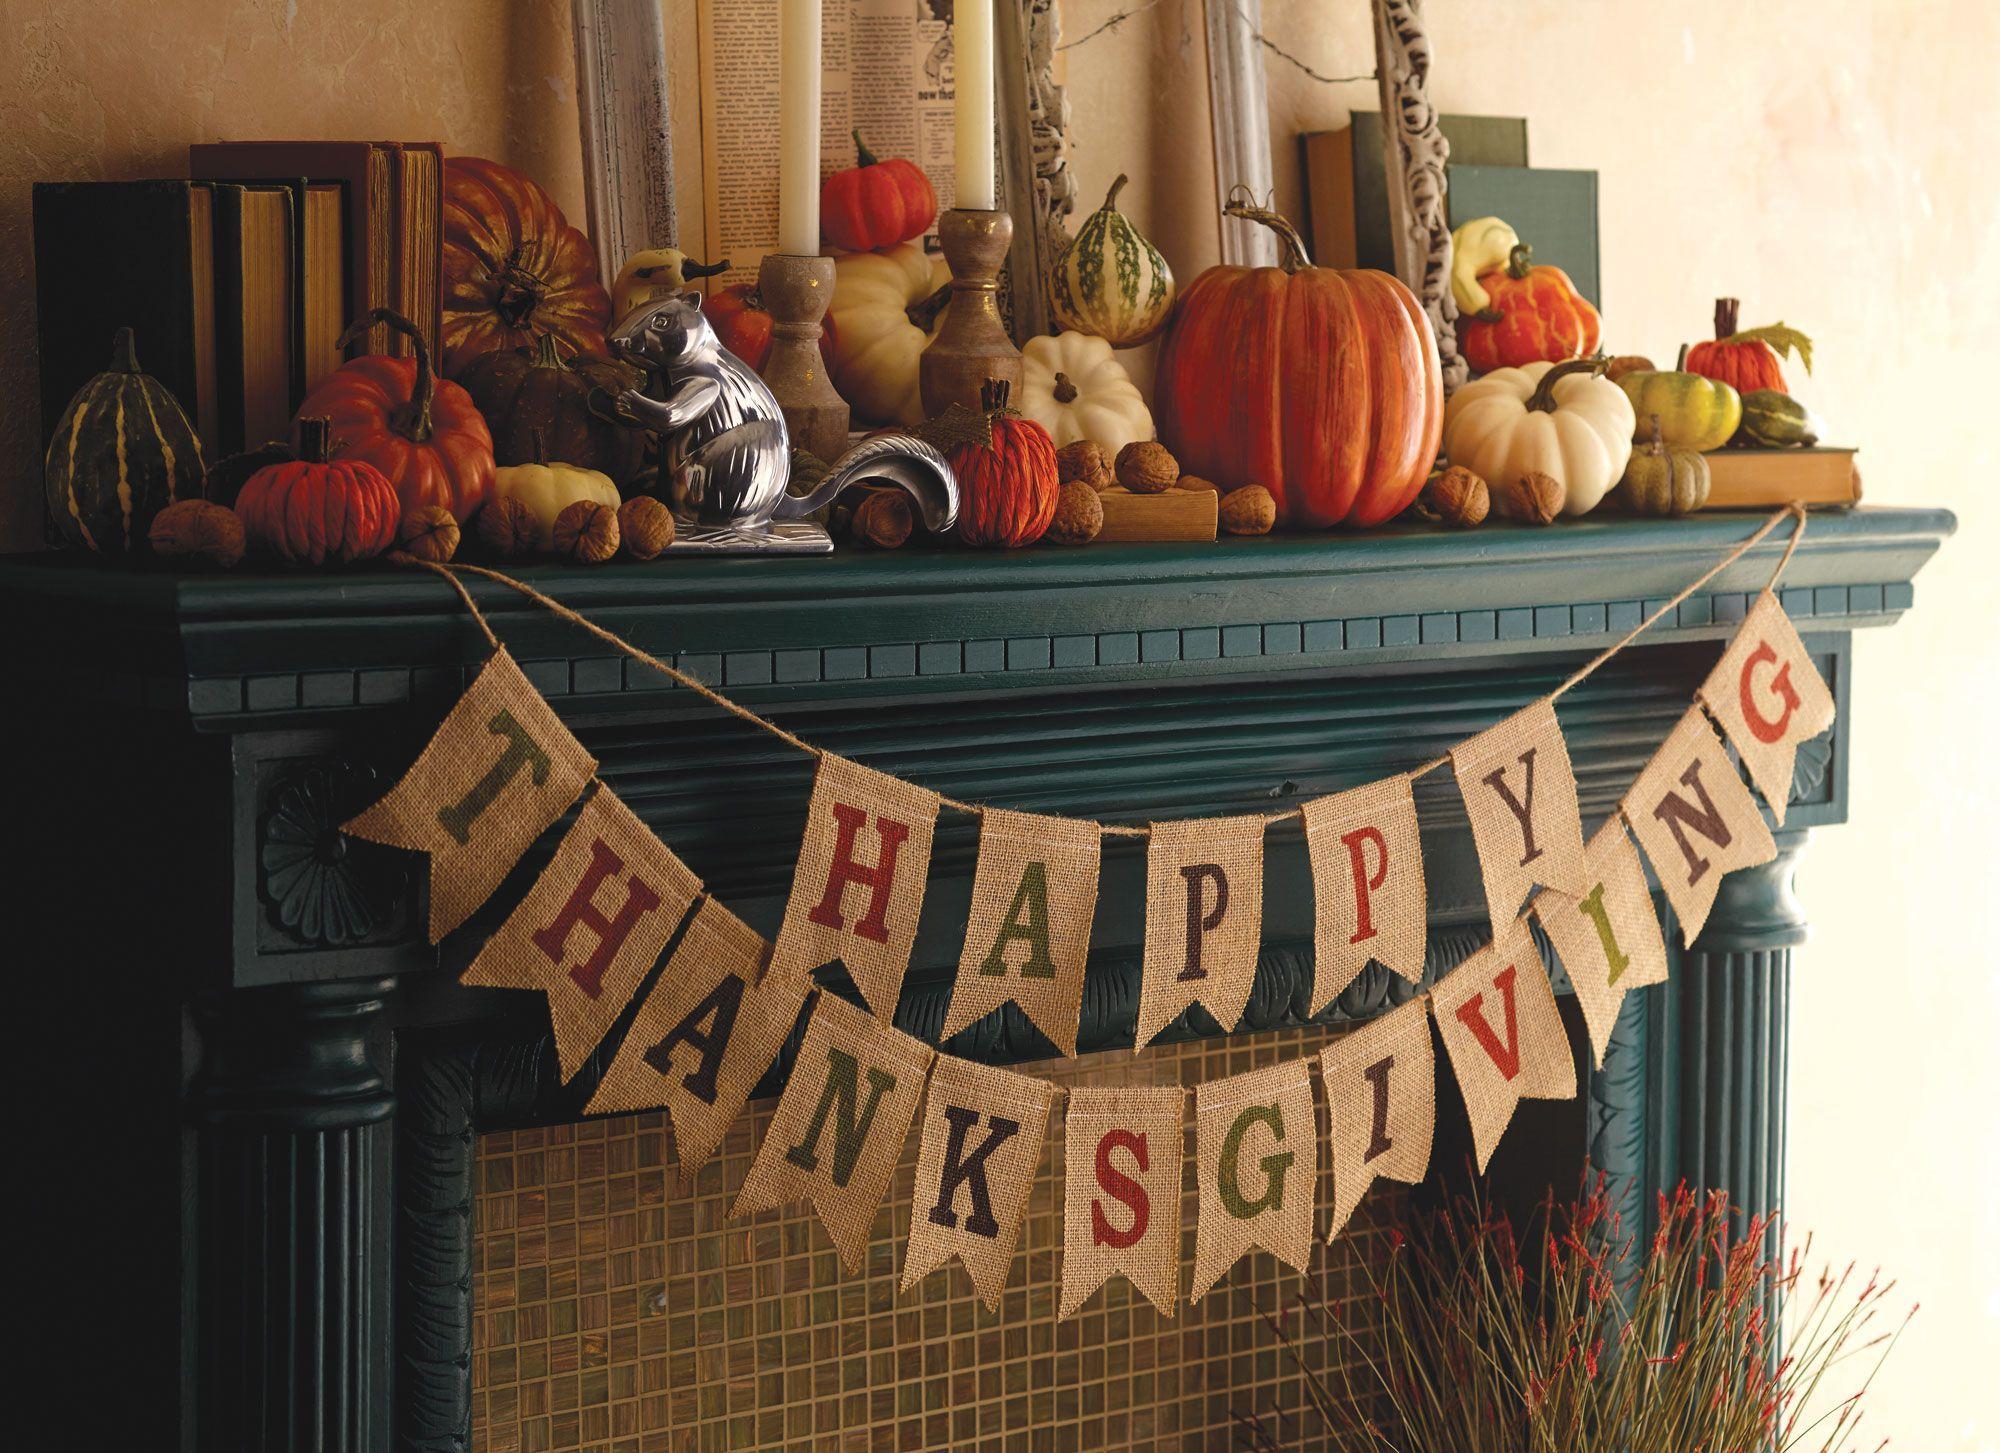 День благодарения картинки оформление в школе фото